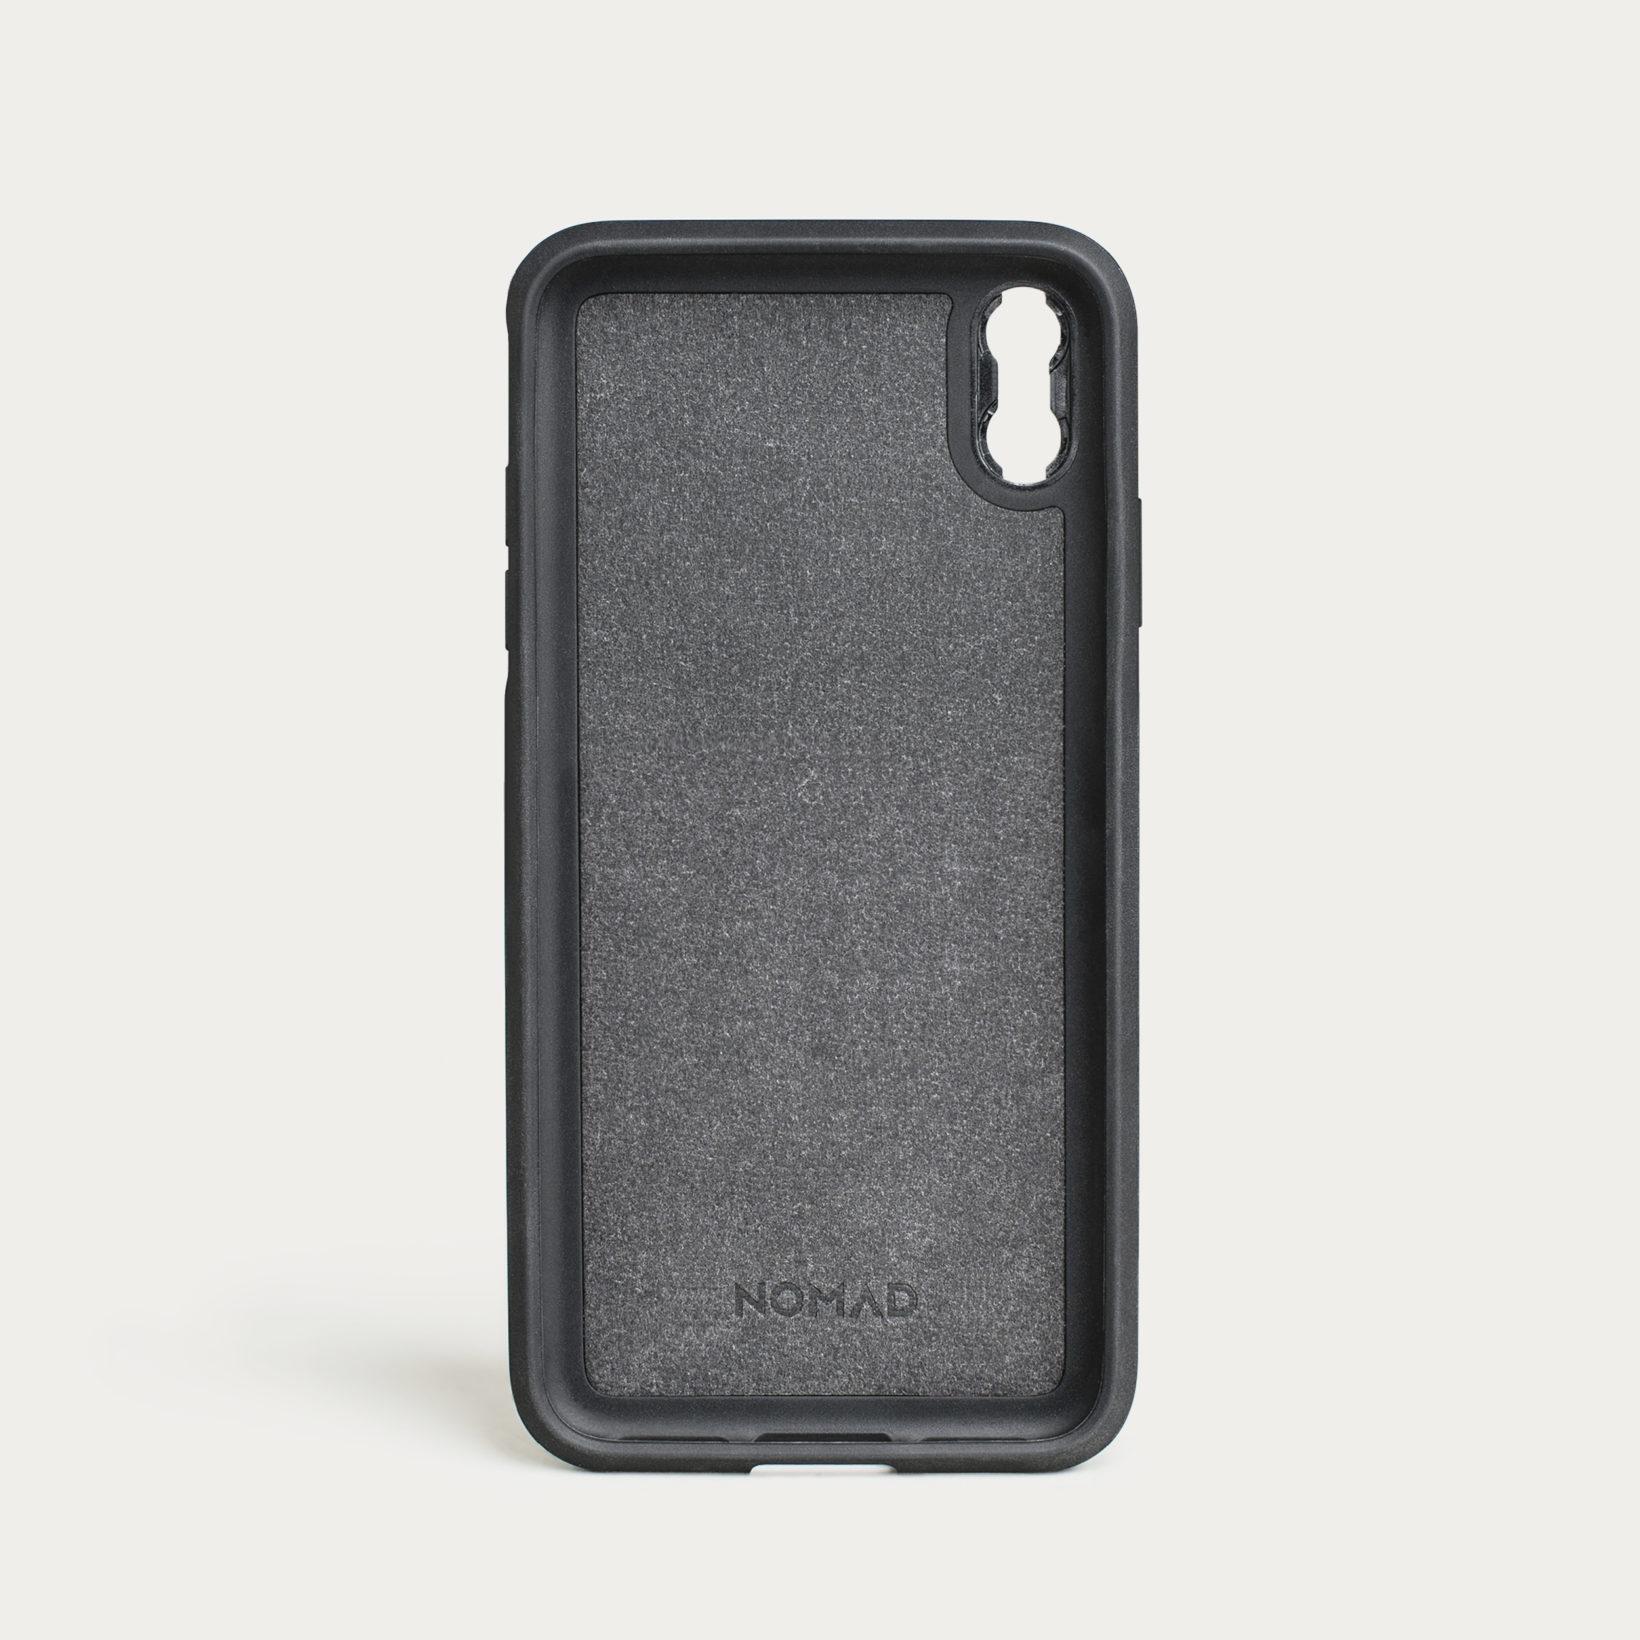 nuomaidi iphone xs max case